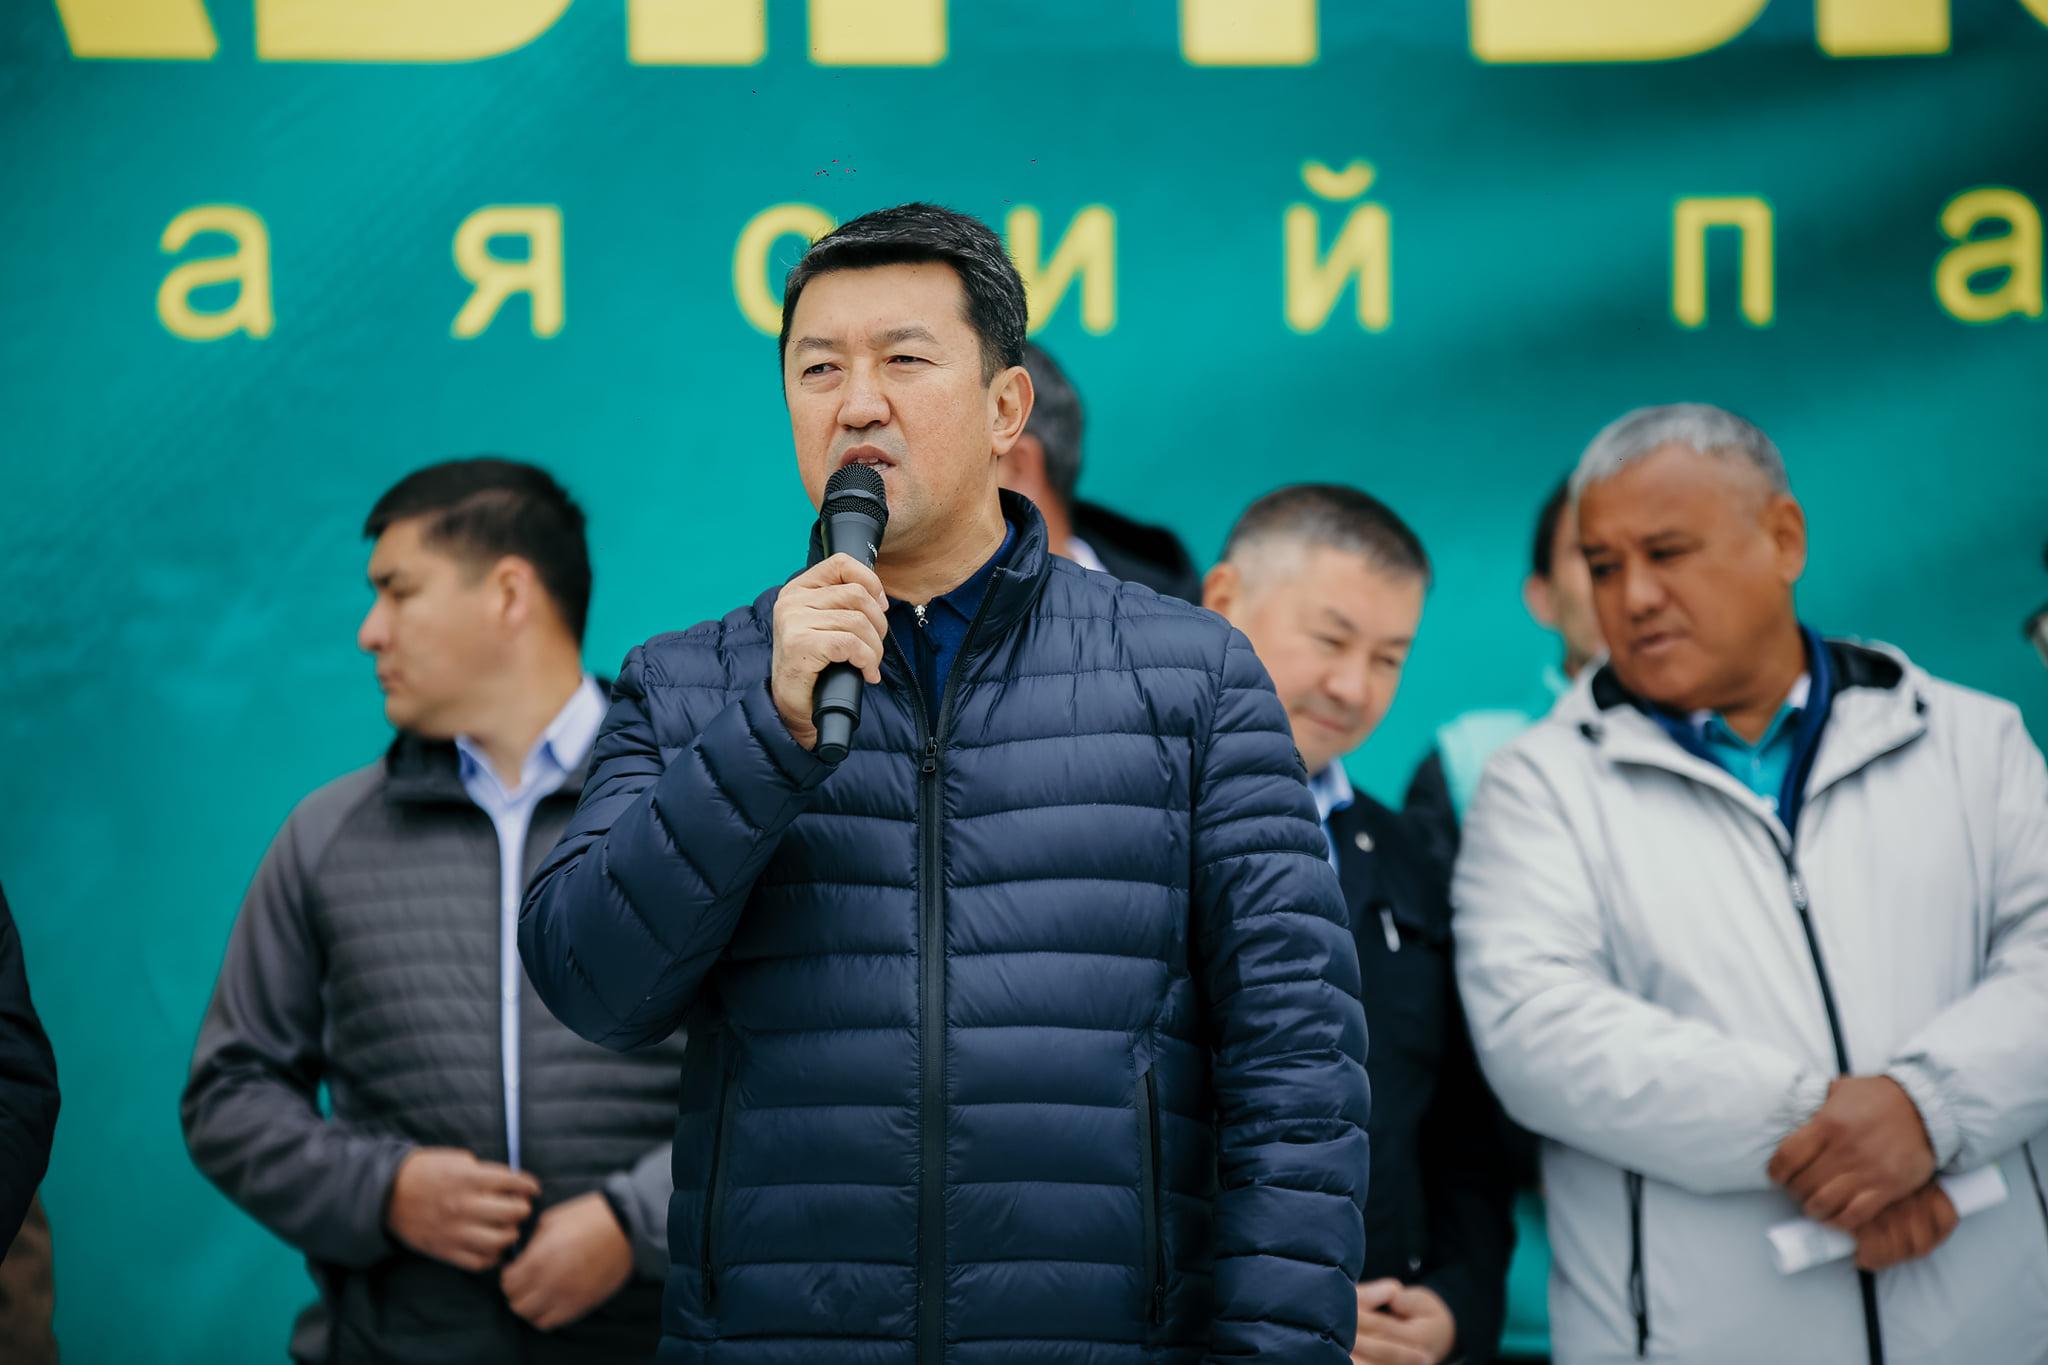 """Нурбек Алимбеков, """"Кыргызстан"""" №15: """"Биз элге жардам берүү үчүн Жогорку Кеңешке аттандык"""""""